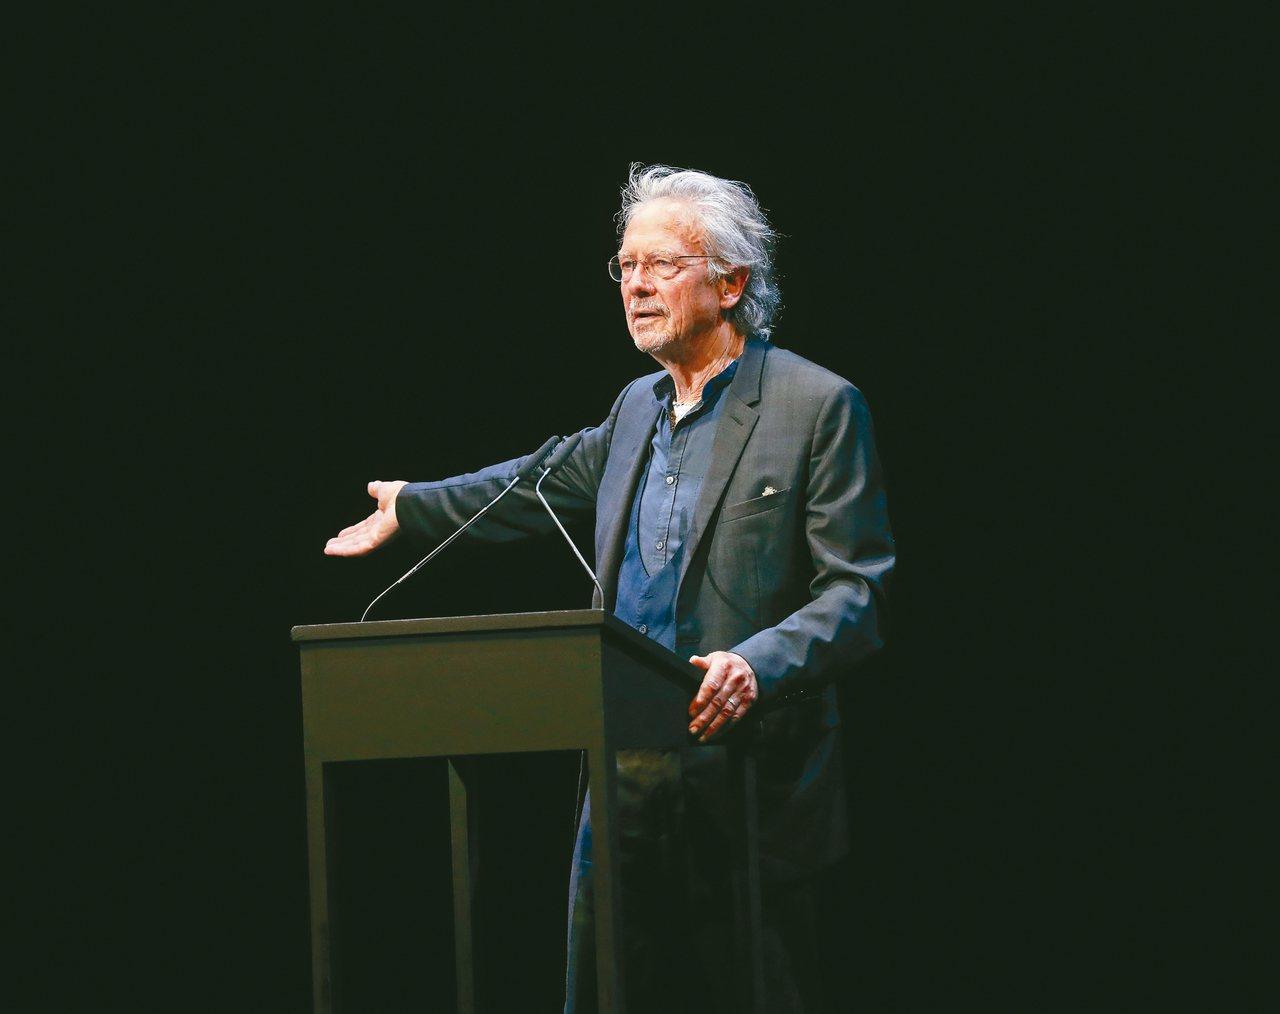 奧地利作家彼得.漢德克獲頒二○一九年諾貝爾文學獎。 (歐新社)